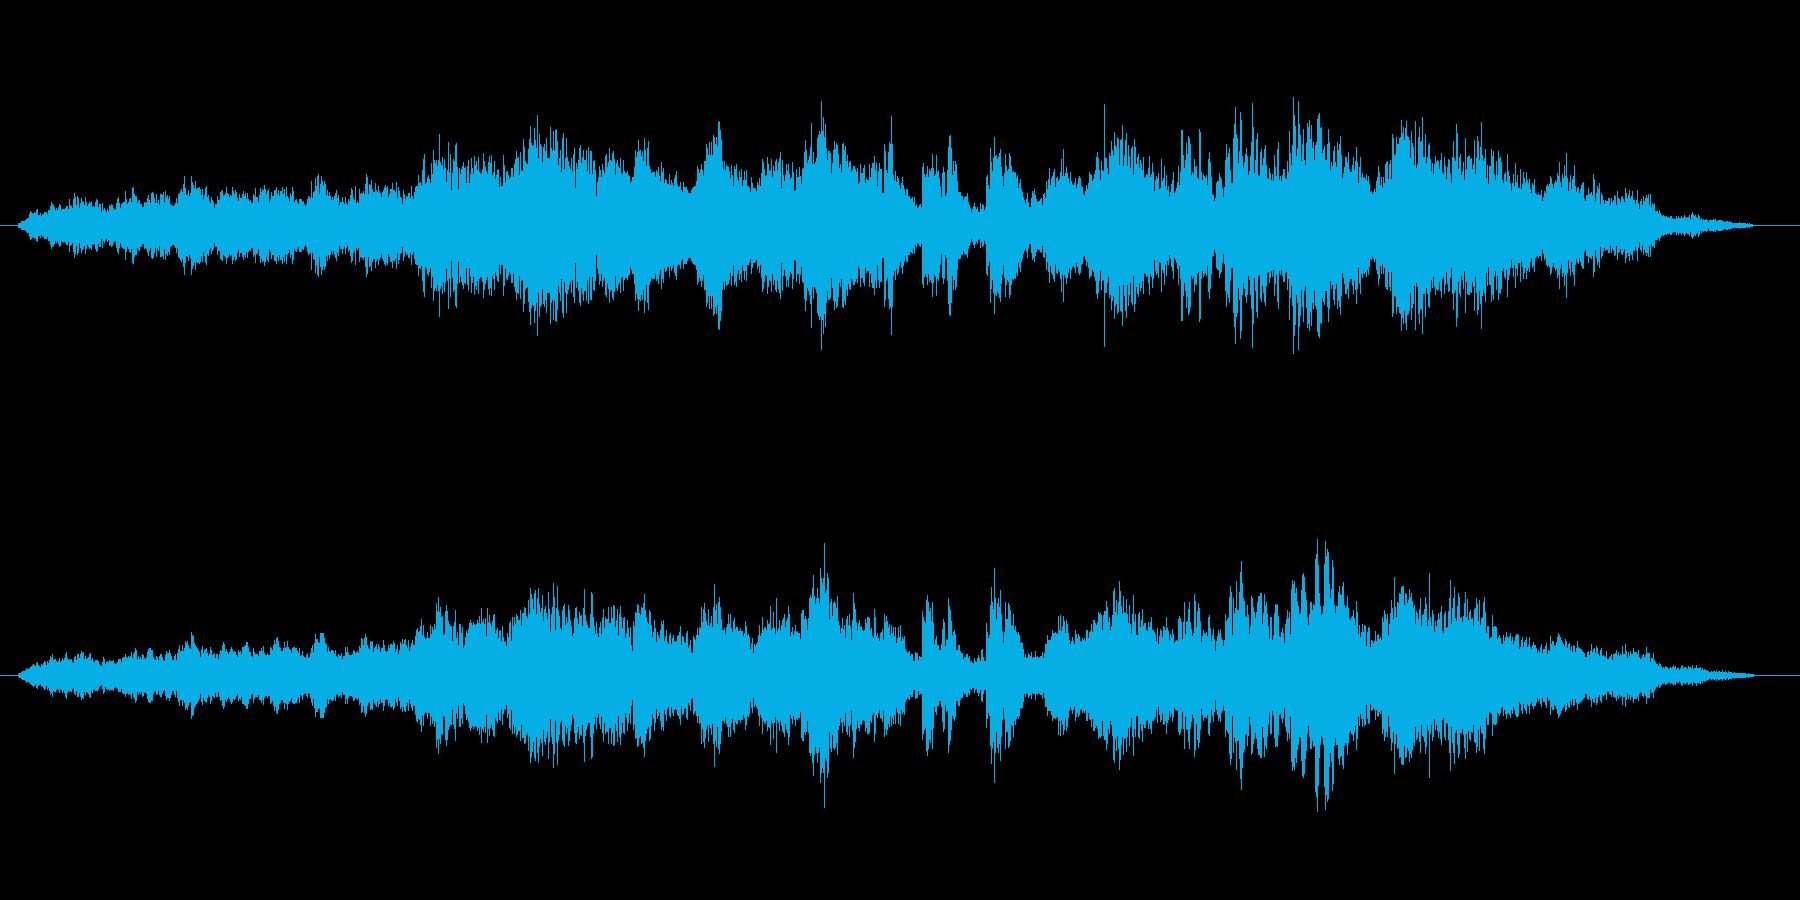 木立を吹き抜けるさわやかな風の音楽の再生済みの波形